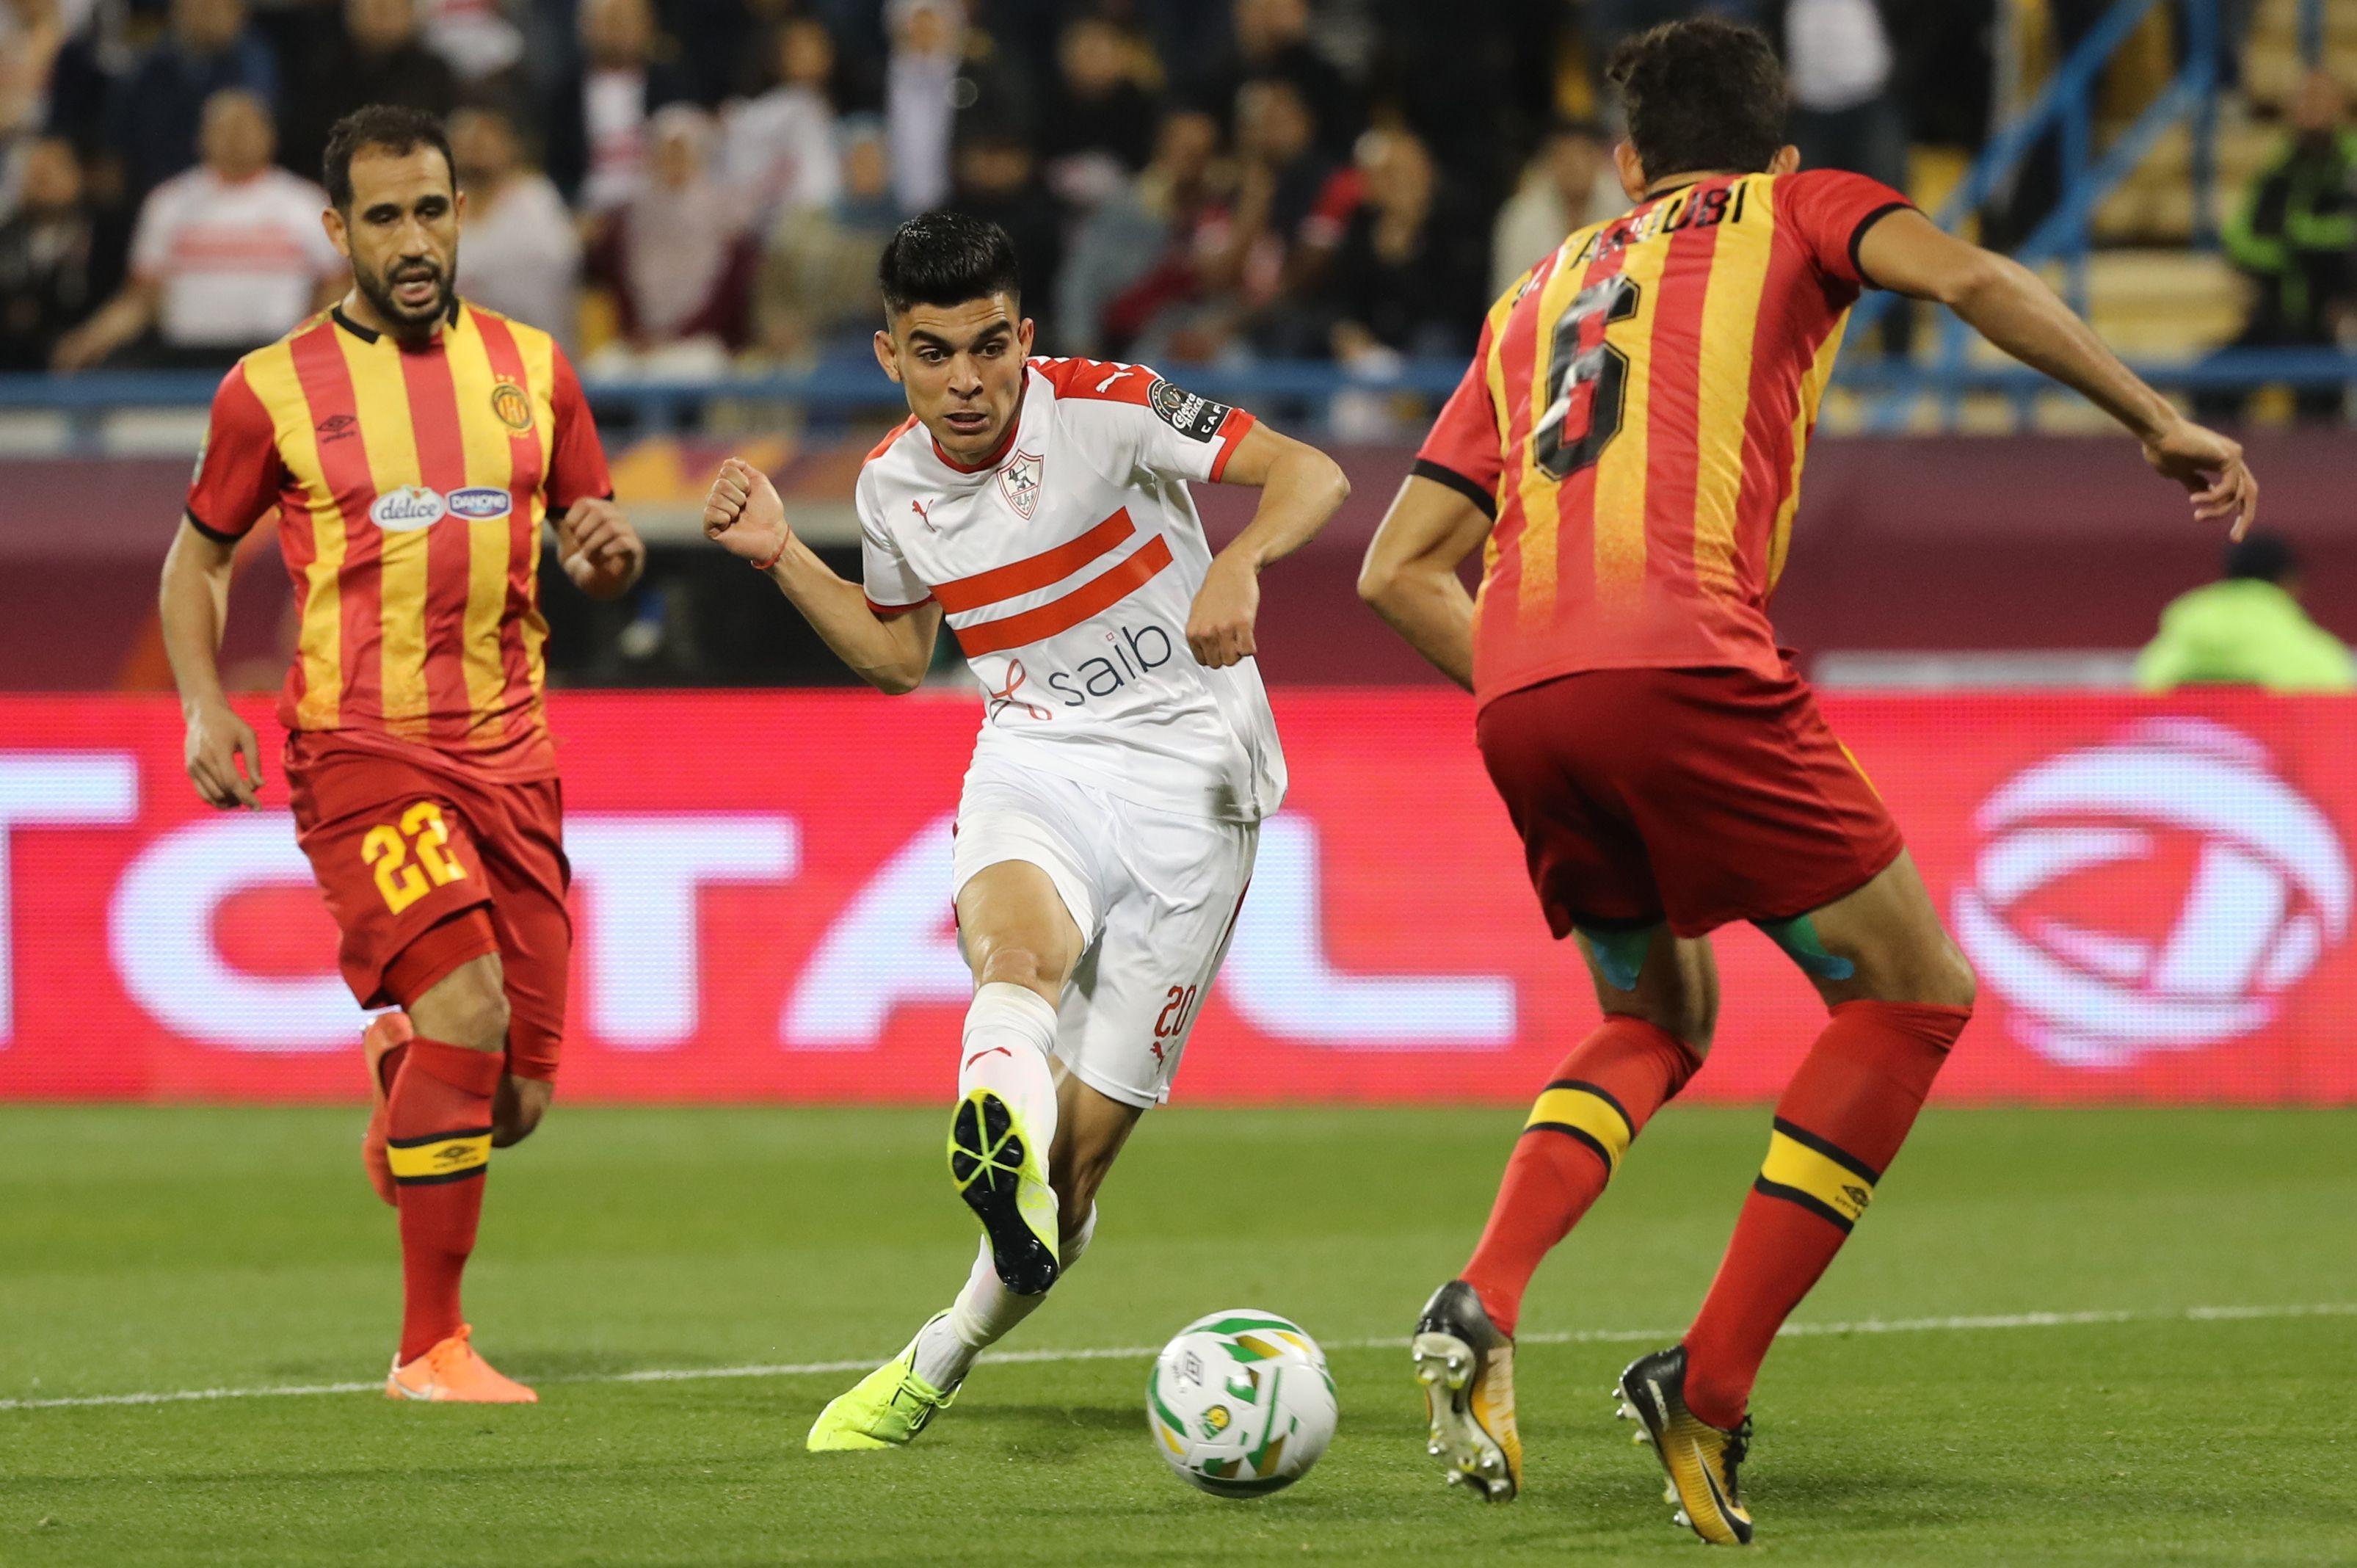 1 - الزمالك يهزم الترجي التونسي ويتوج بلقب كأس السوبر الإفريقي1.jpg